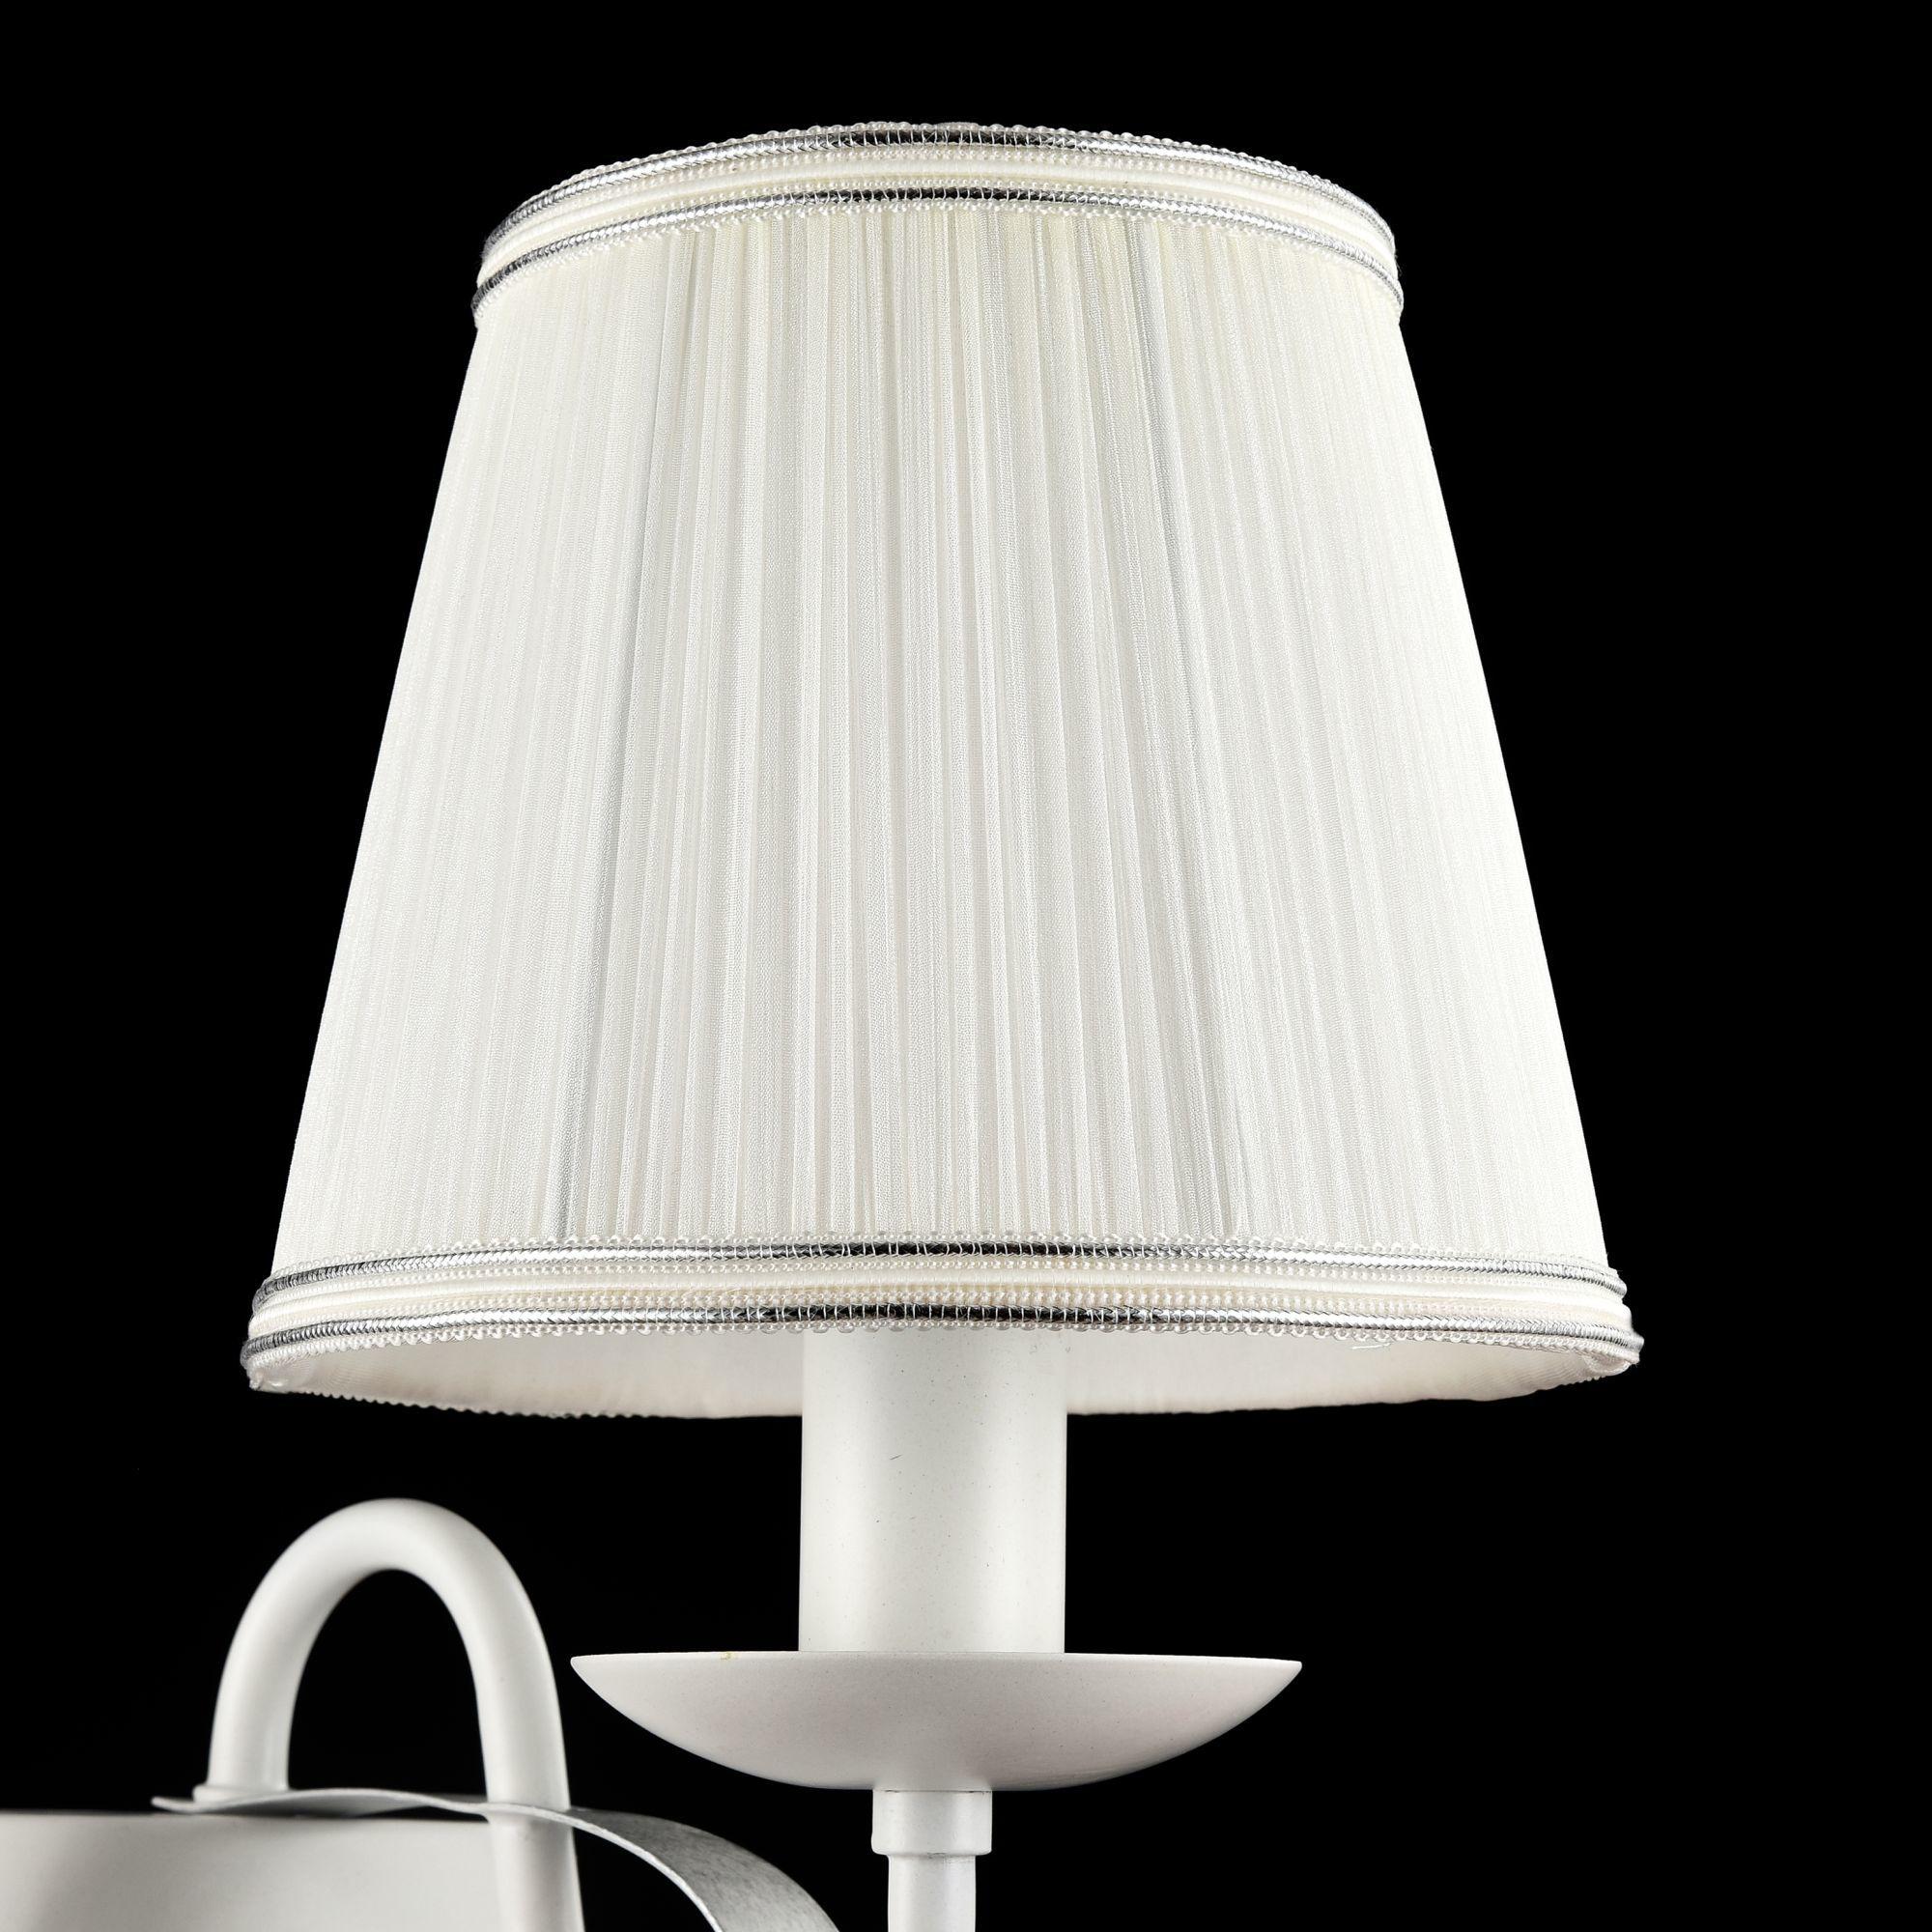 Бра Freya Diana FR5569-WL-01-W (fr569-01-w), 1xE14x40W, белый, серебро, металл, текстиль - фото 5